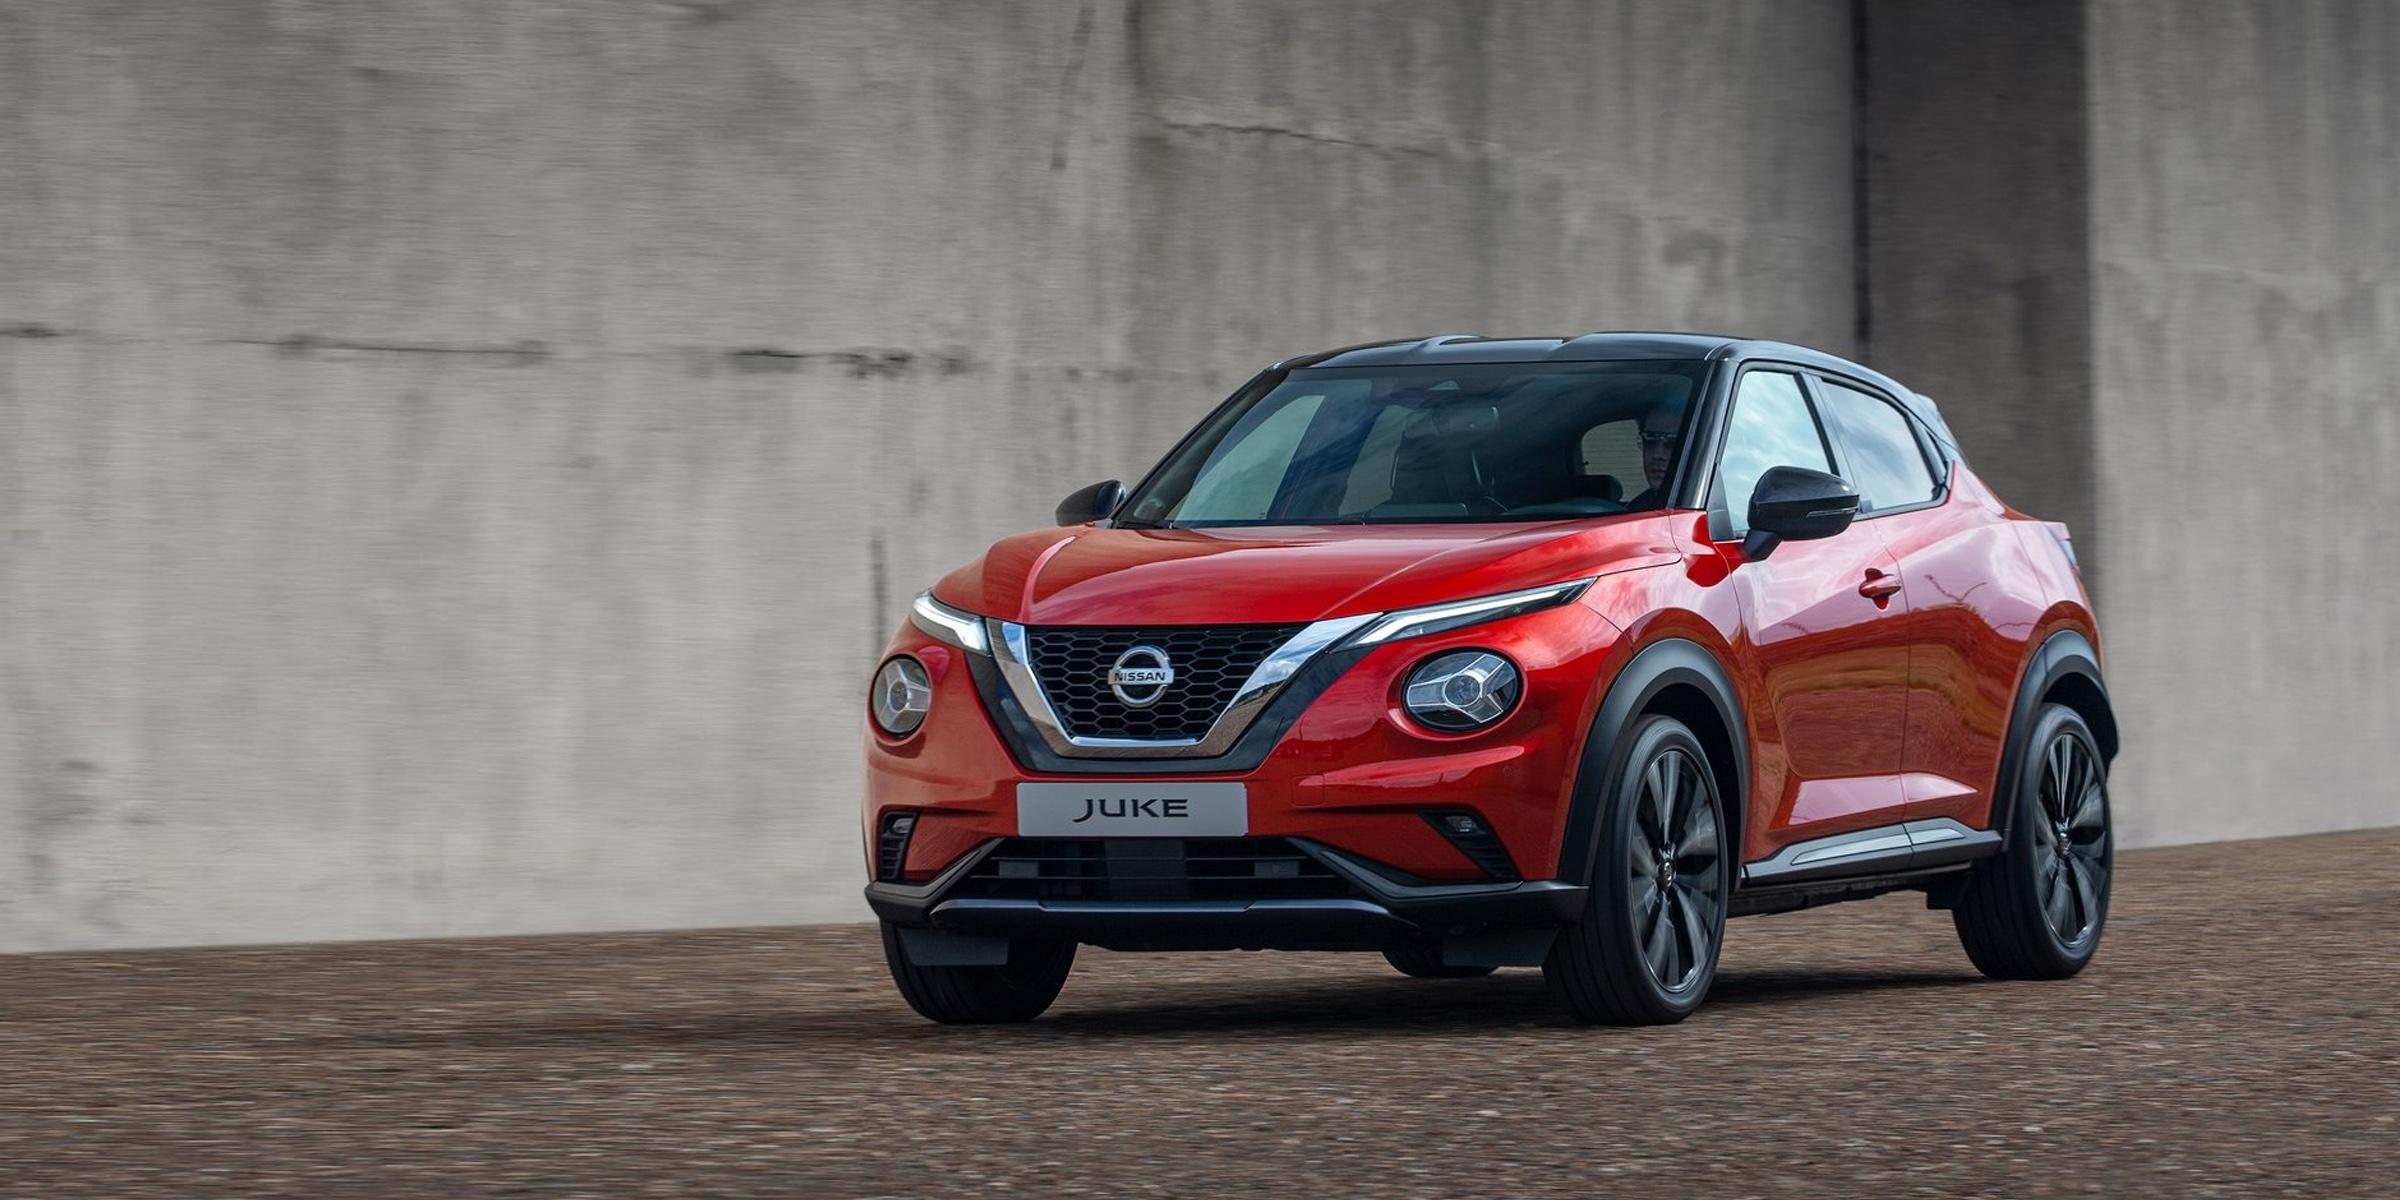 Bekijk de Nissan Juke commercial